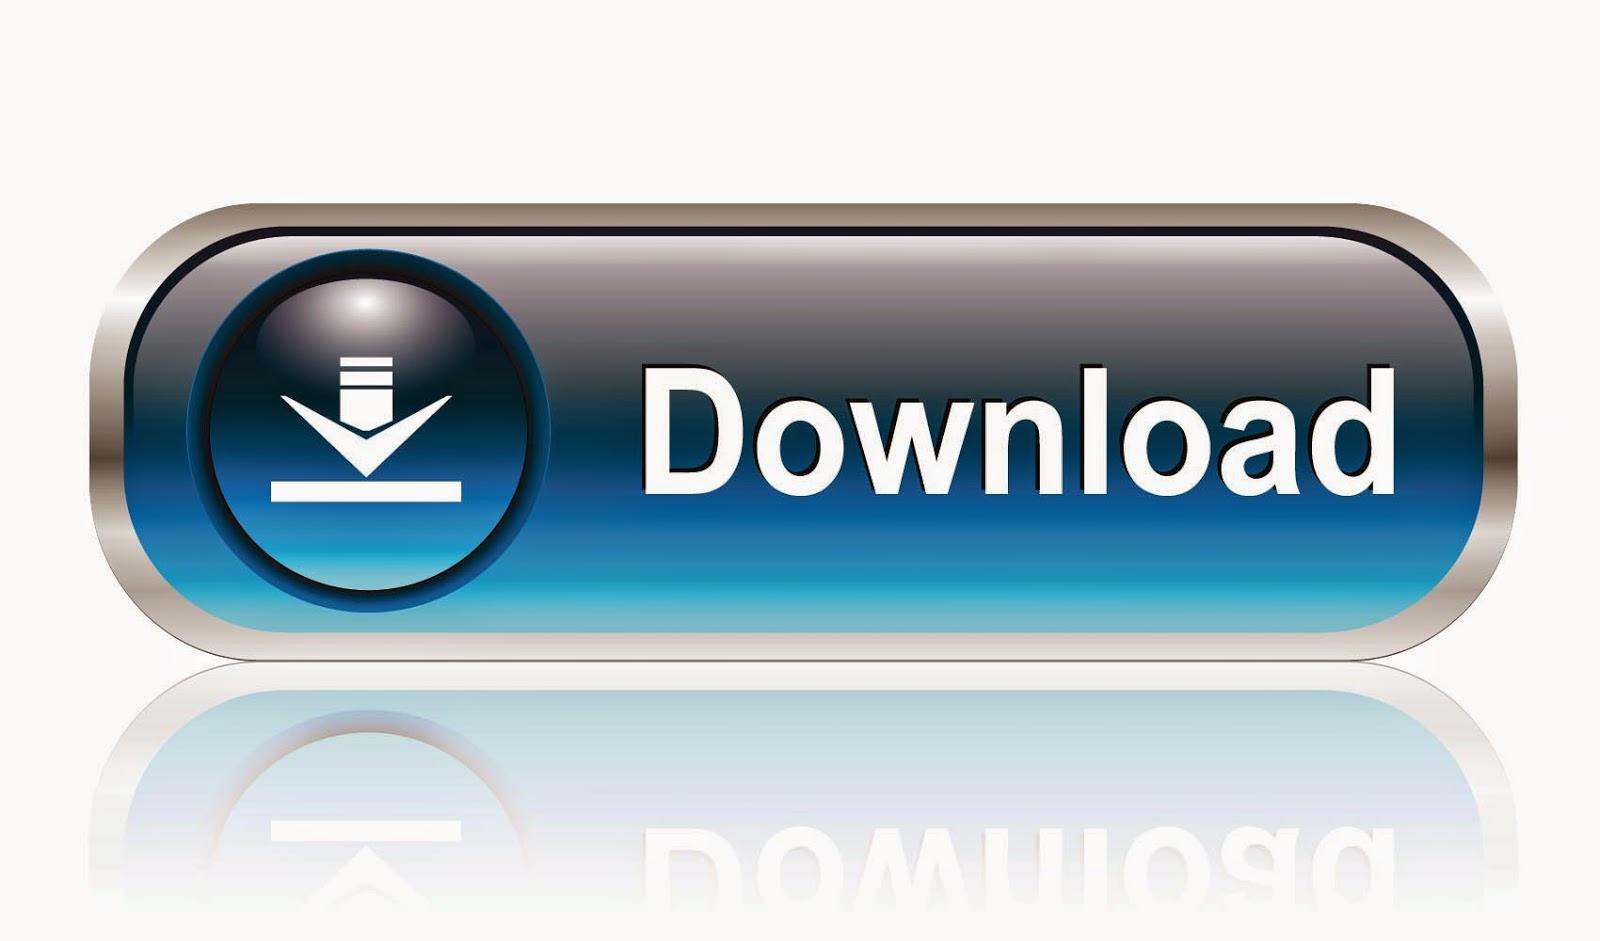 """<img src=""""http://1.bp.blogspot.com/-CyZipaDt0Qo/U1aemyvOEDI/AAAAAAAACZE/_wPA2D2ZBUk/s1600/inssider.png"""" alt=""""inSSIDer 3.1.2.1 Free Download"""" />"""